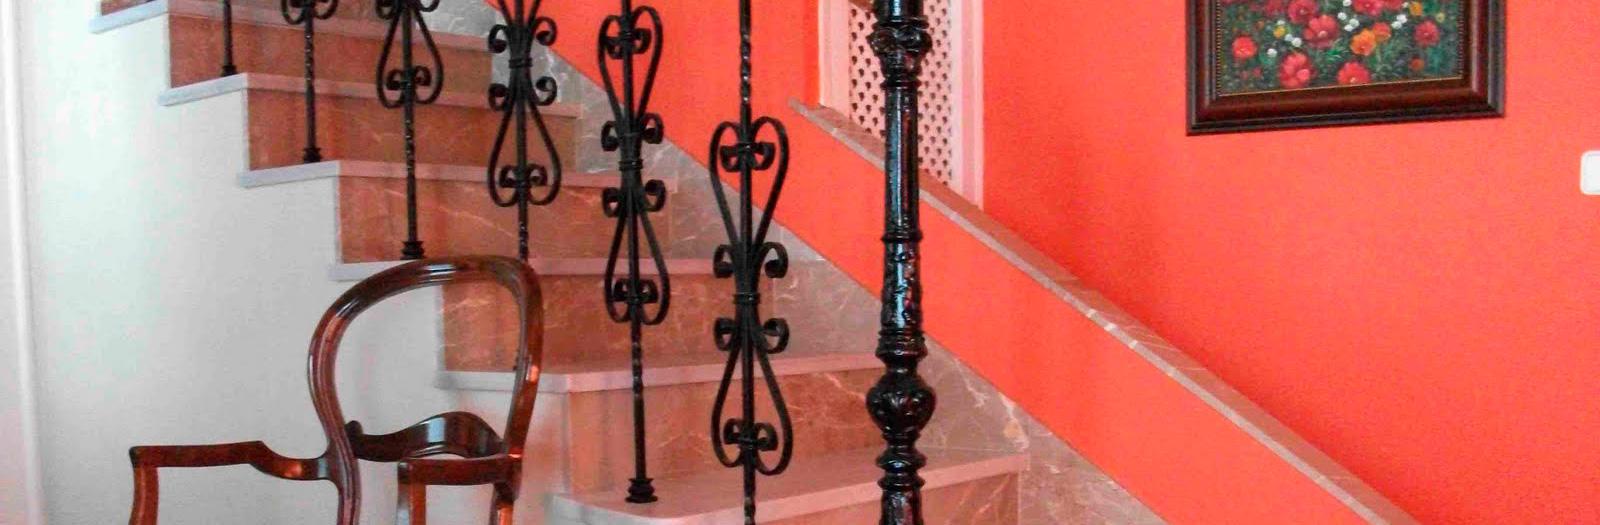 escaleras-de-hierro